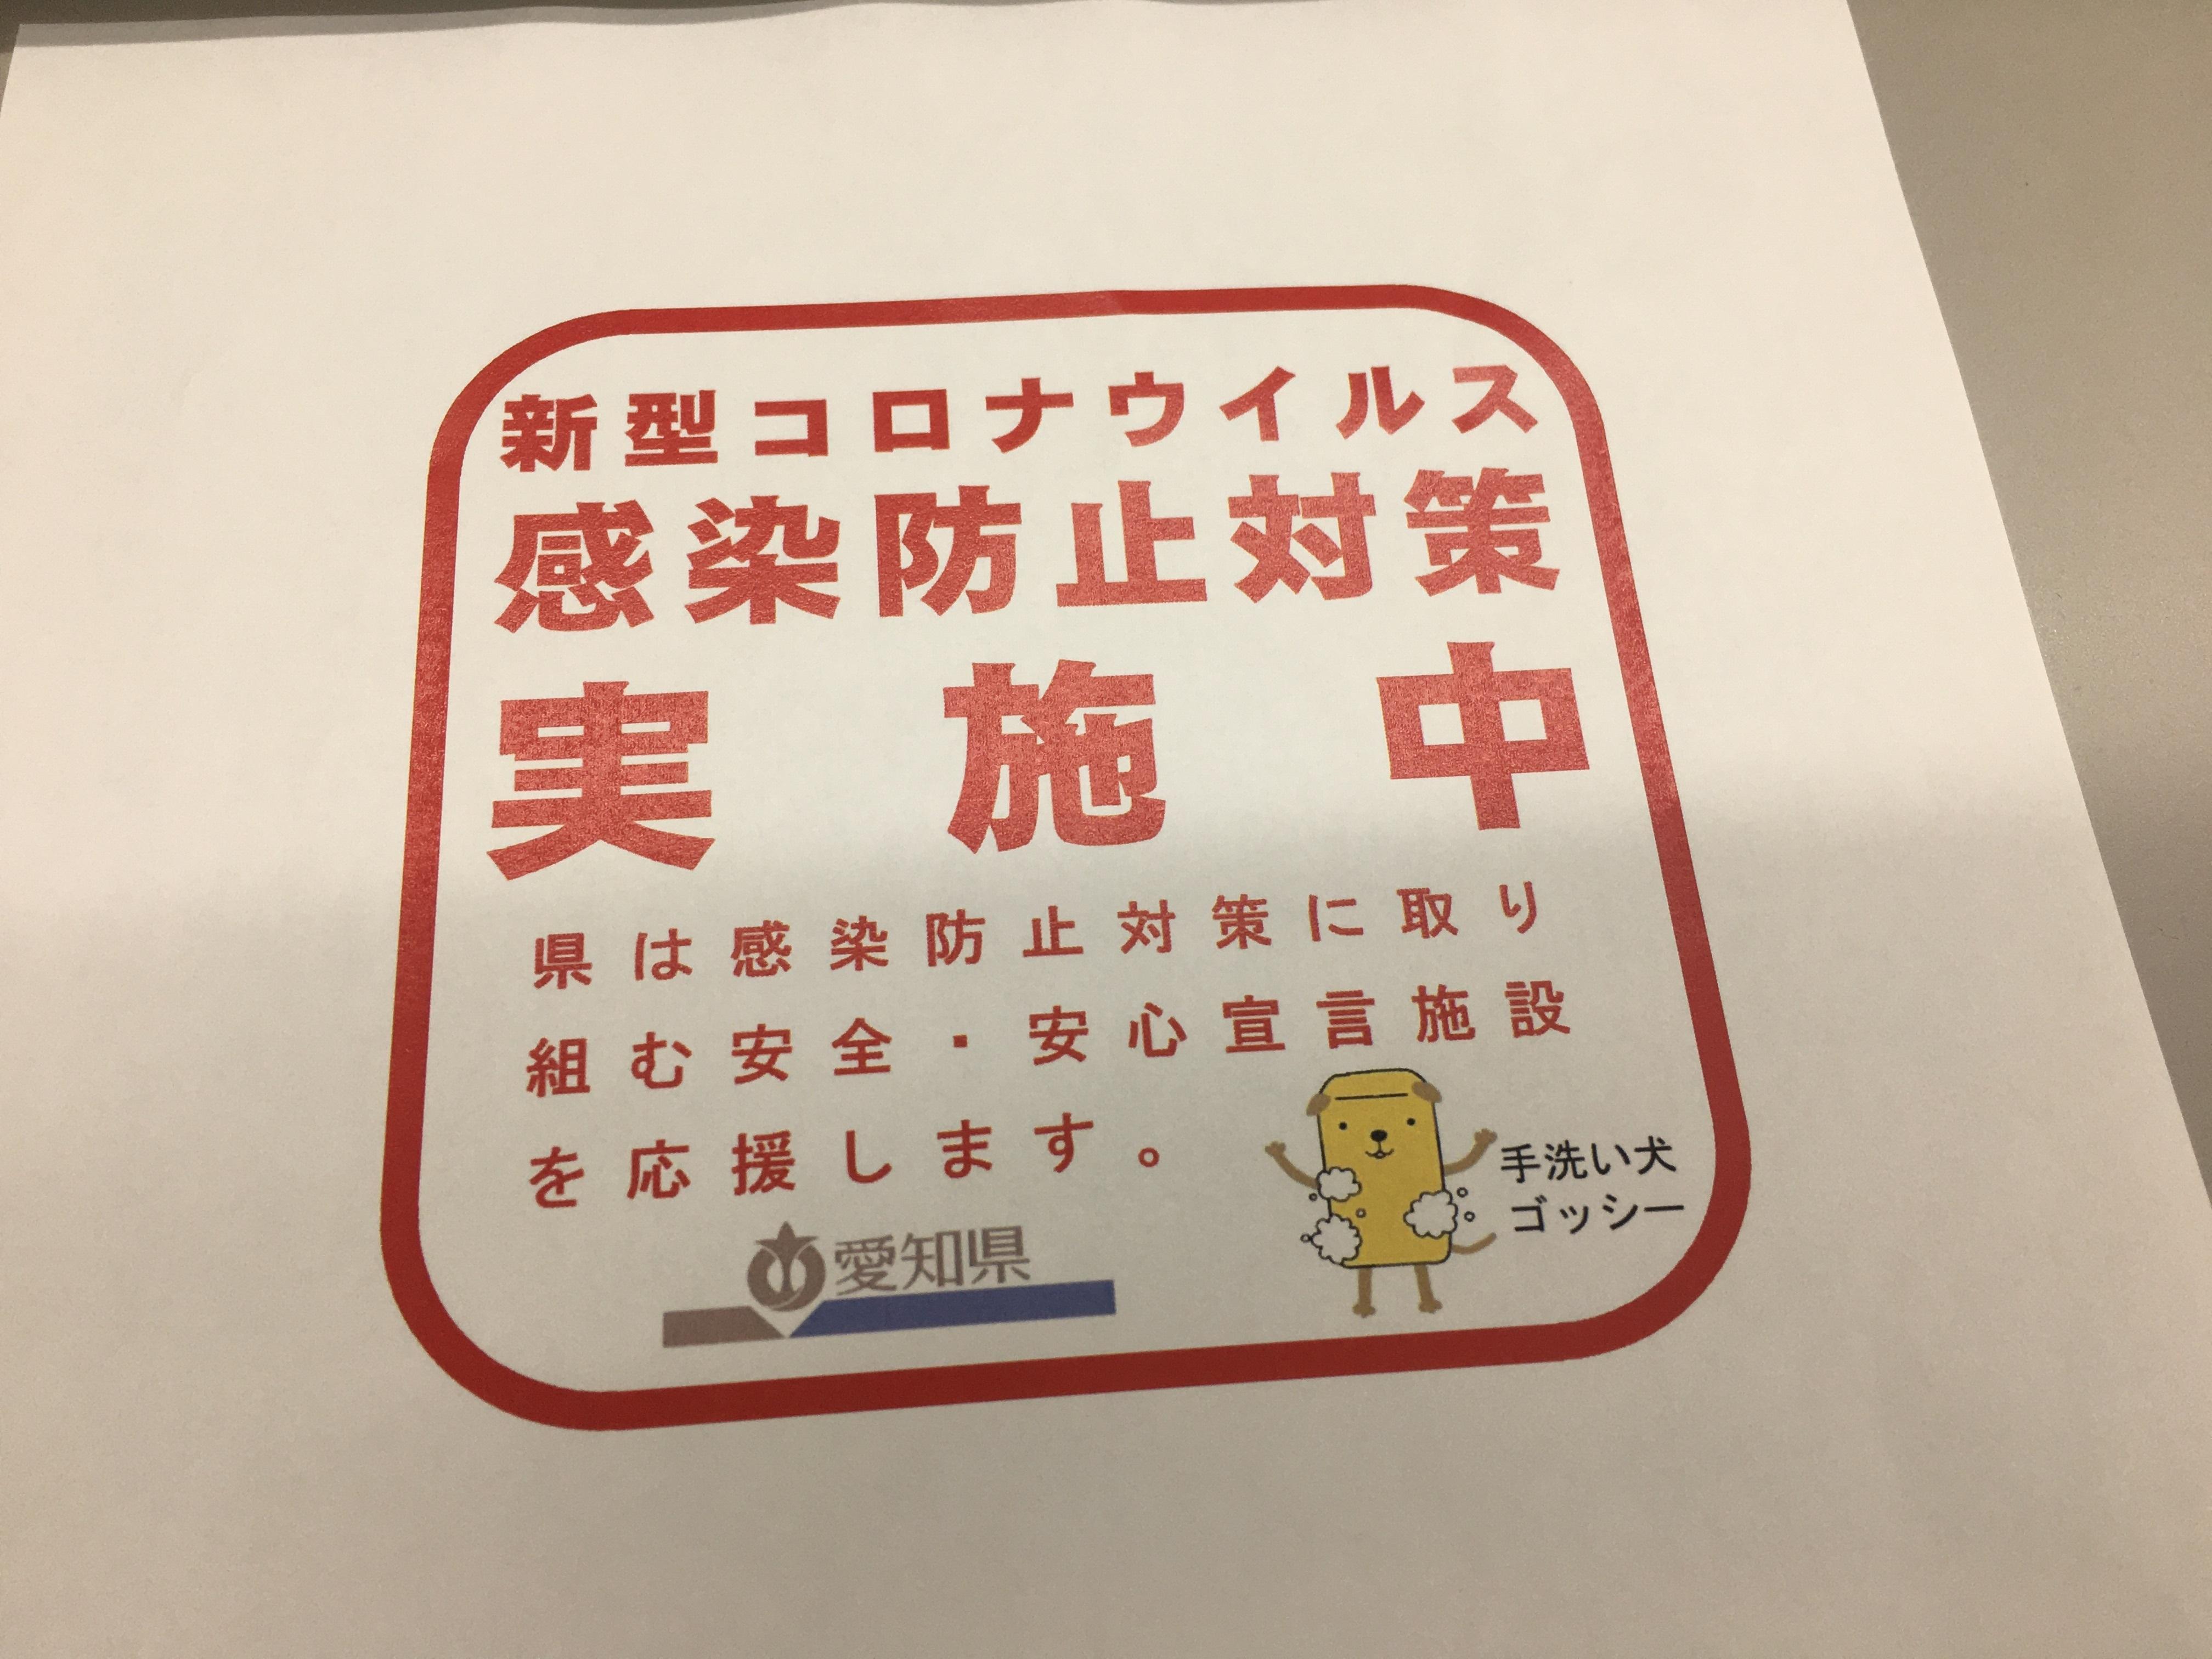 県 愛知 新型 コロナ